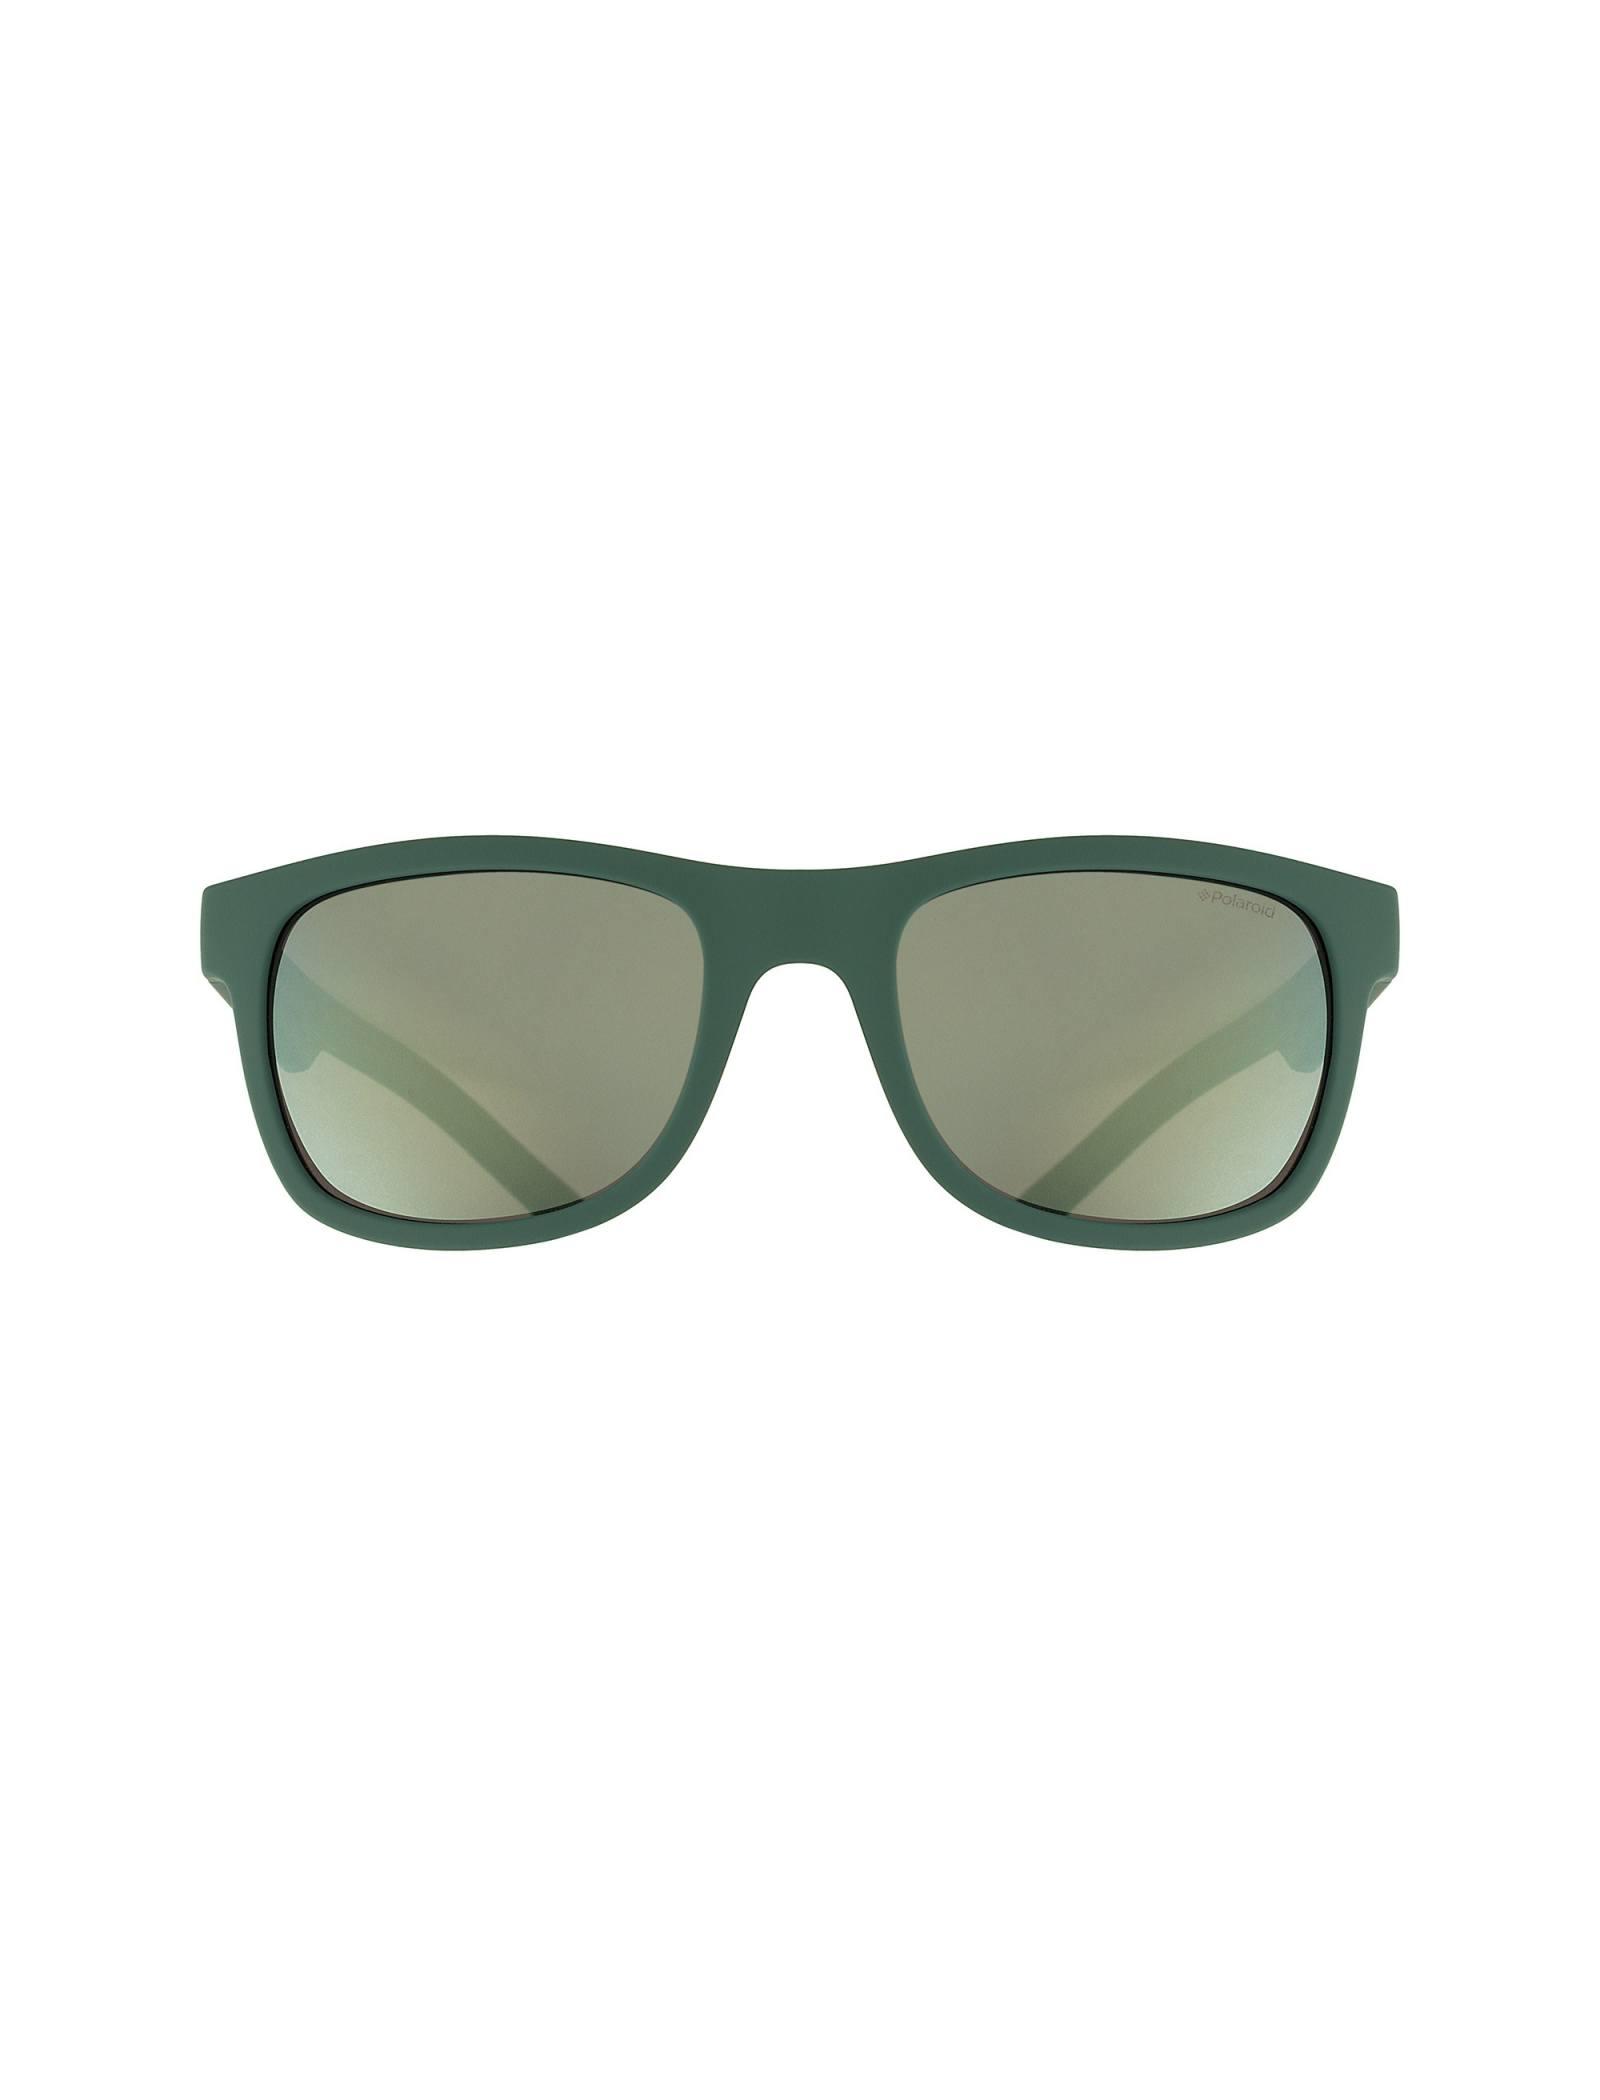 عینک آفتابی ویفرر بچگانه - پولاروید - سبز آبي - 1